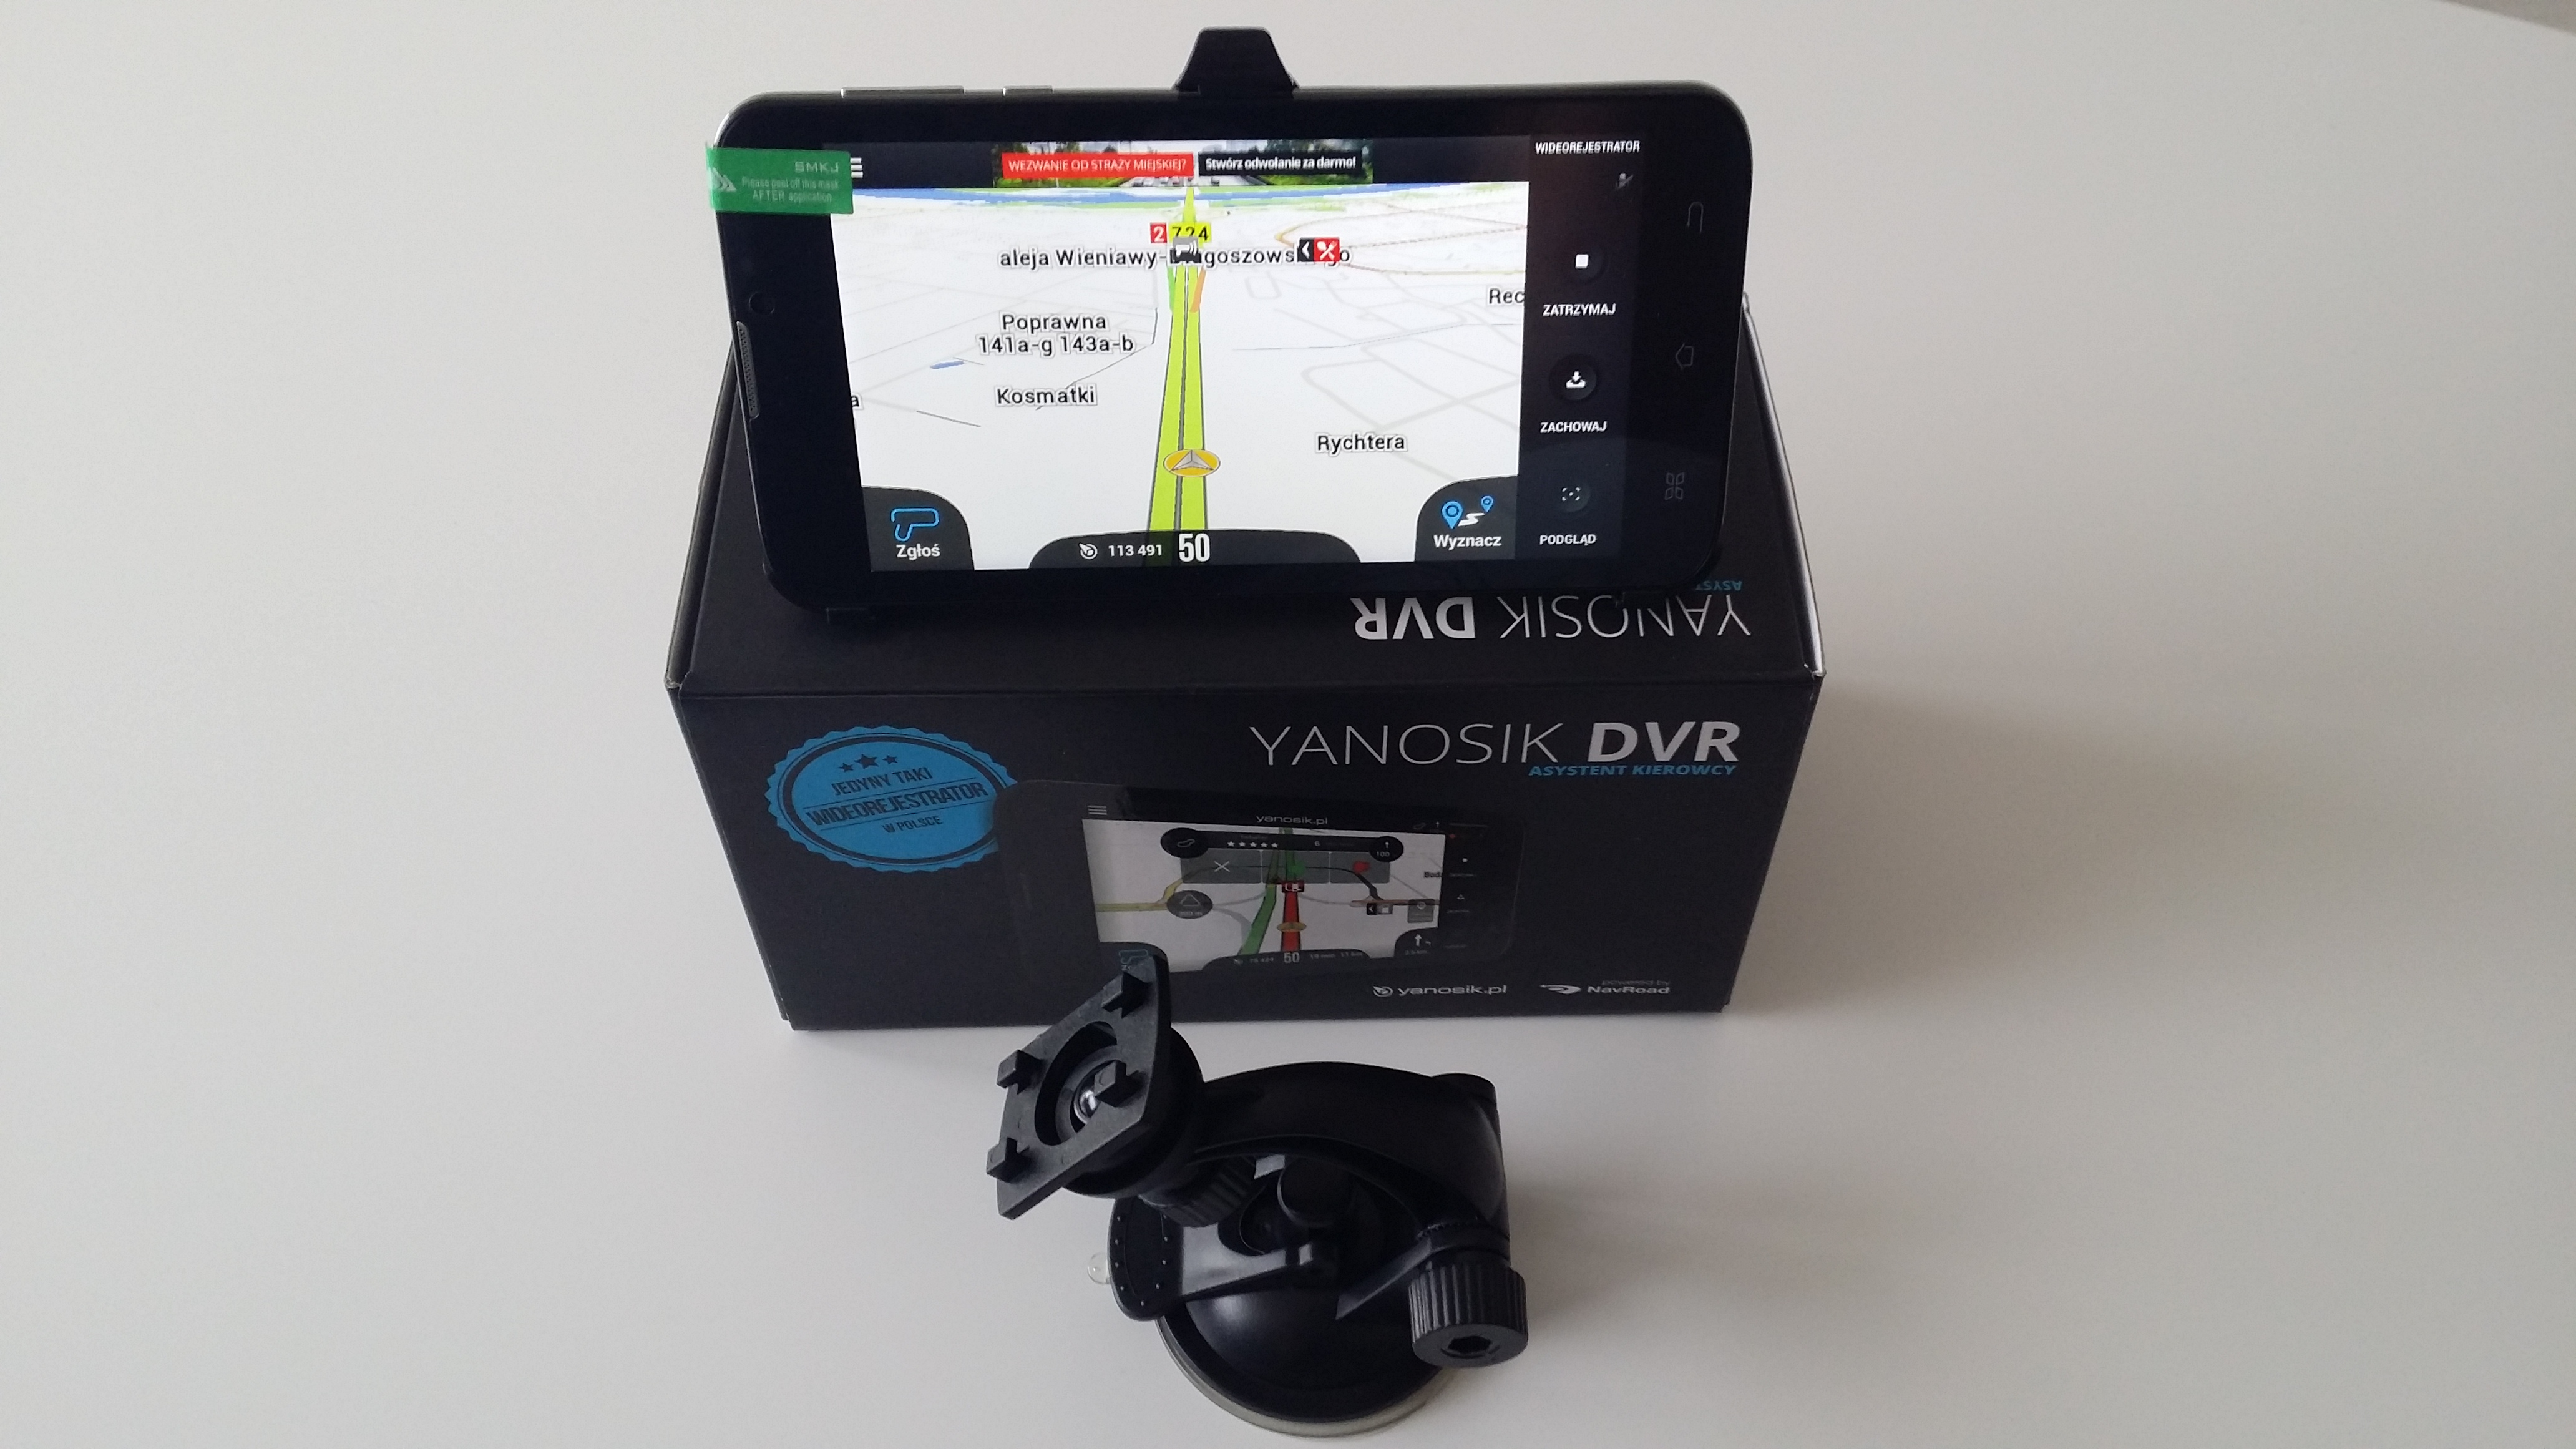 Yanosik DVR zestaw